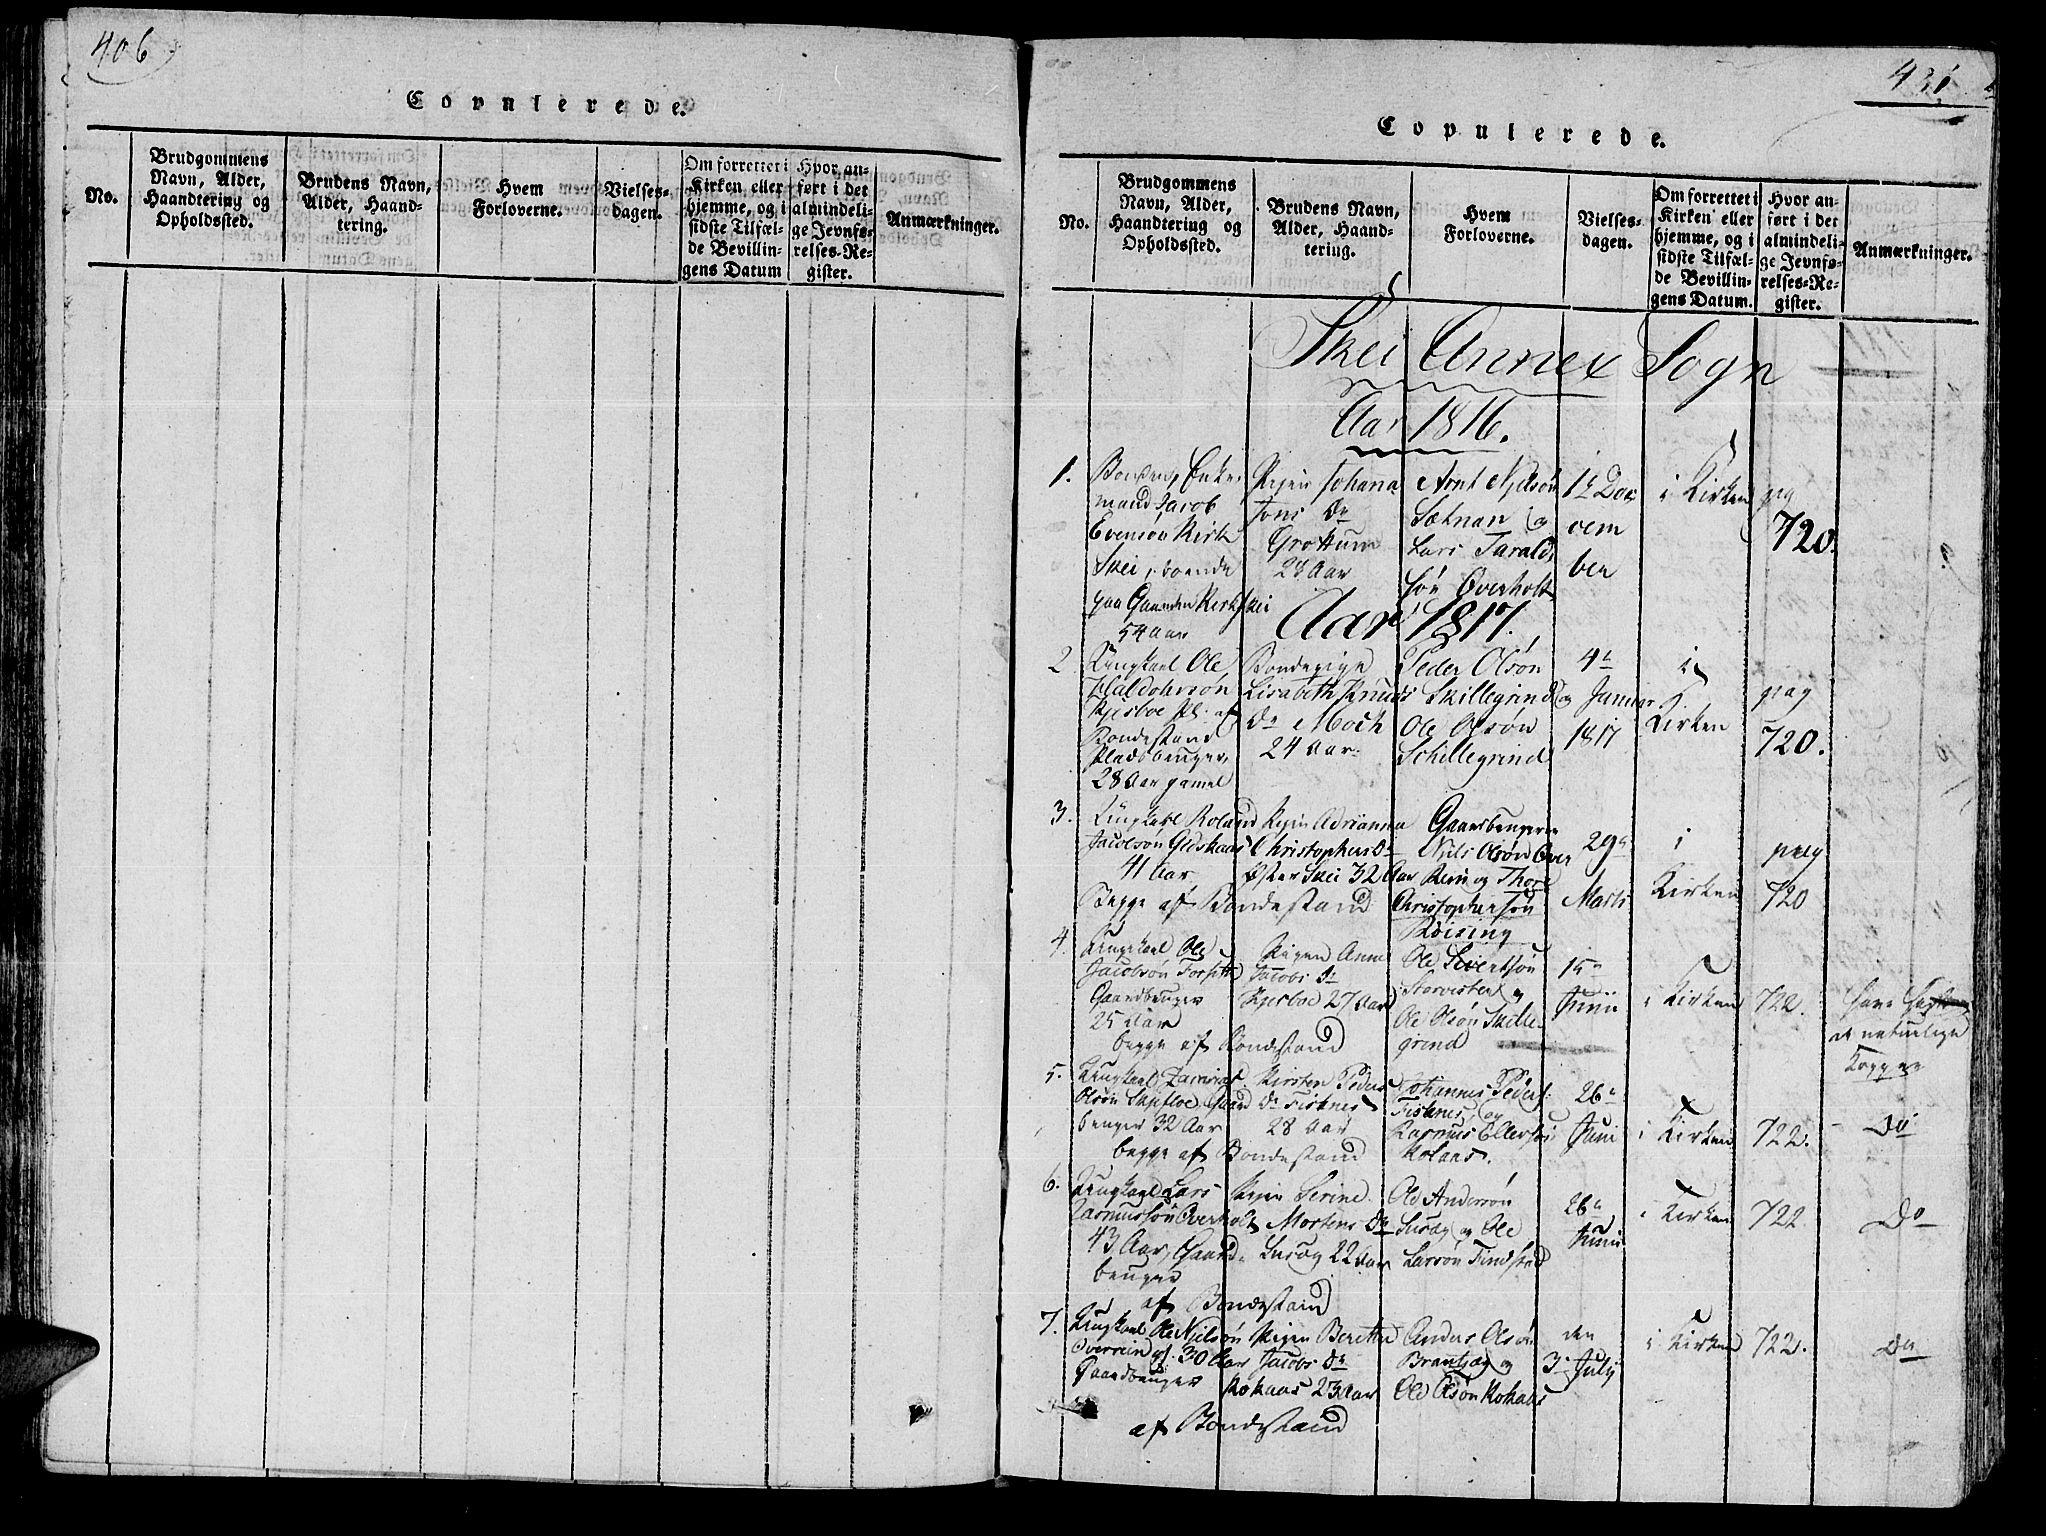 SAT, Ministerialprotokoller, klokkerbøker og fødselsregistre - Nord-Trøndelag, 735/L0333: Ministerialbok nr. 735A04 /2, 1816-1825, s. 406-431